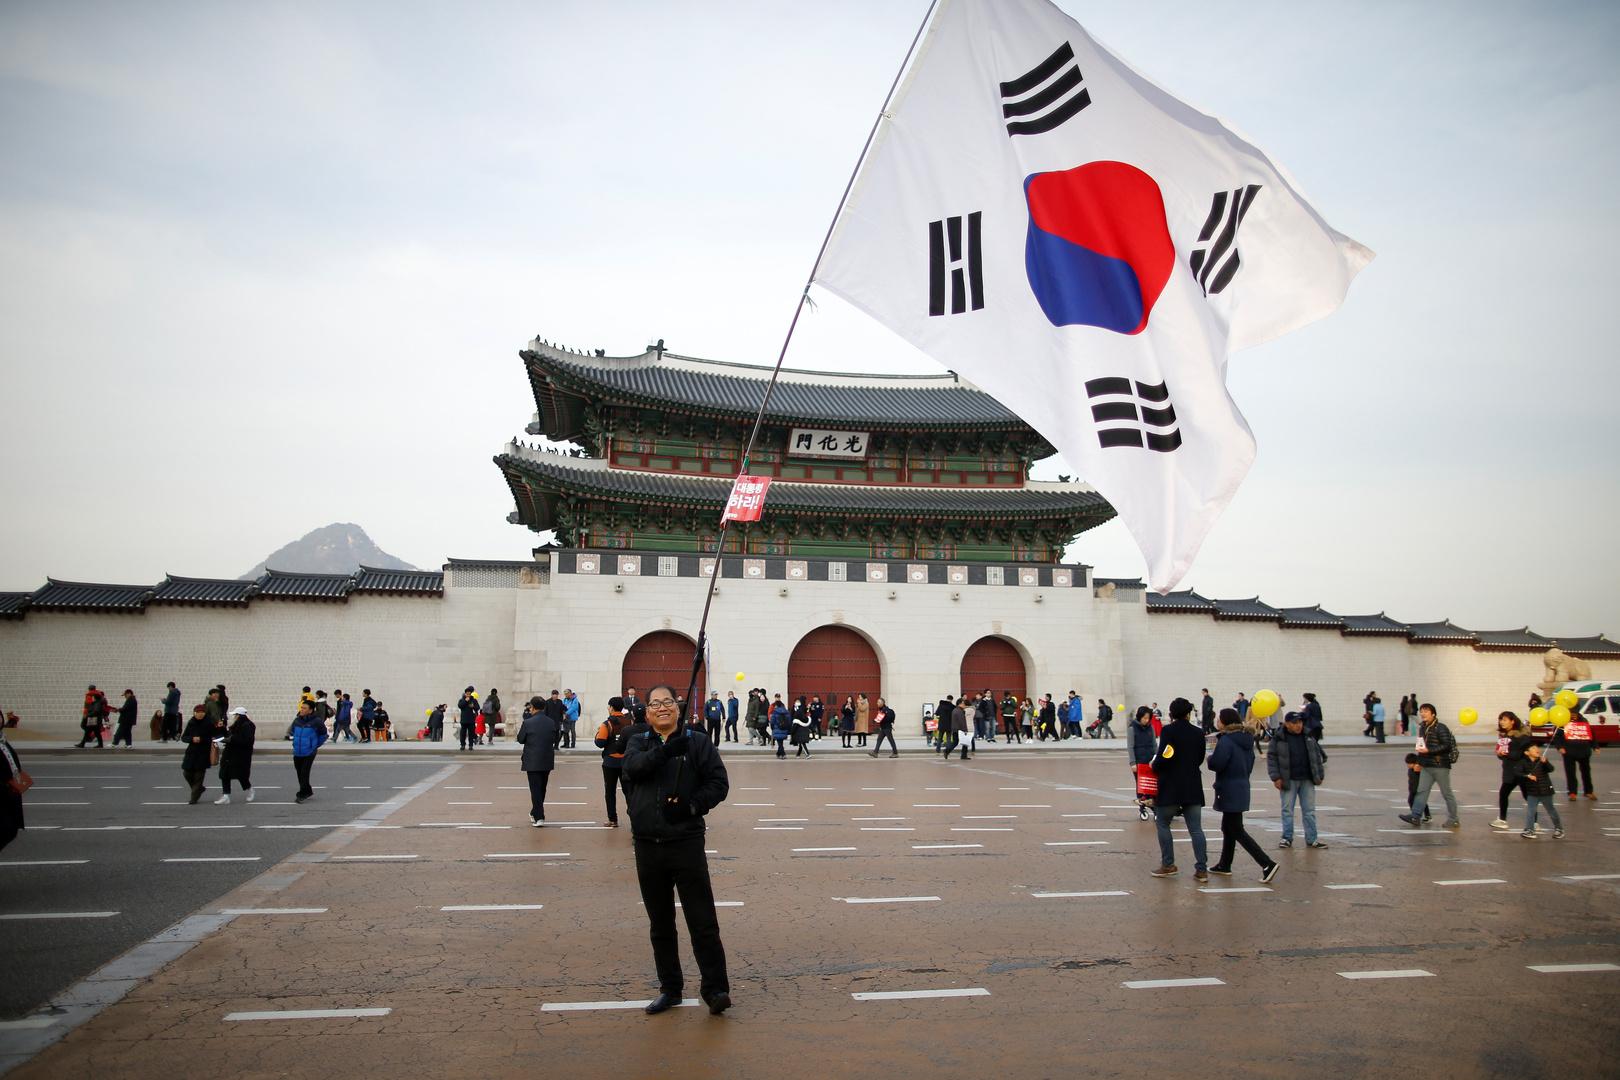 كوريا الجنوبية ترسل مسؤولا إلى طهران لإجراء مفاوضات حول ناقلة النفط المحتجزة